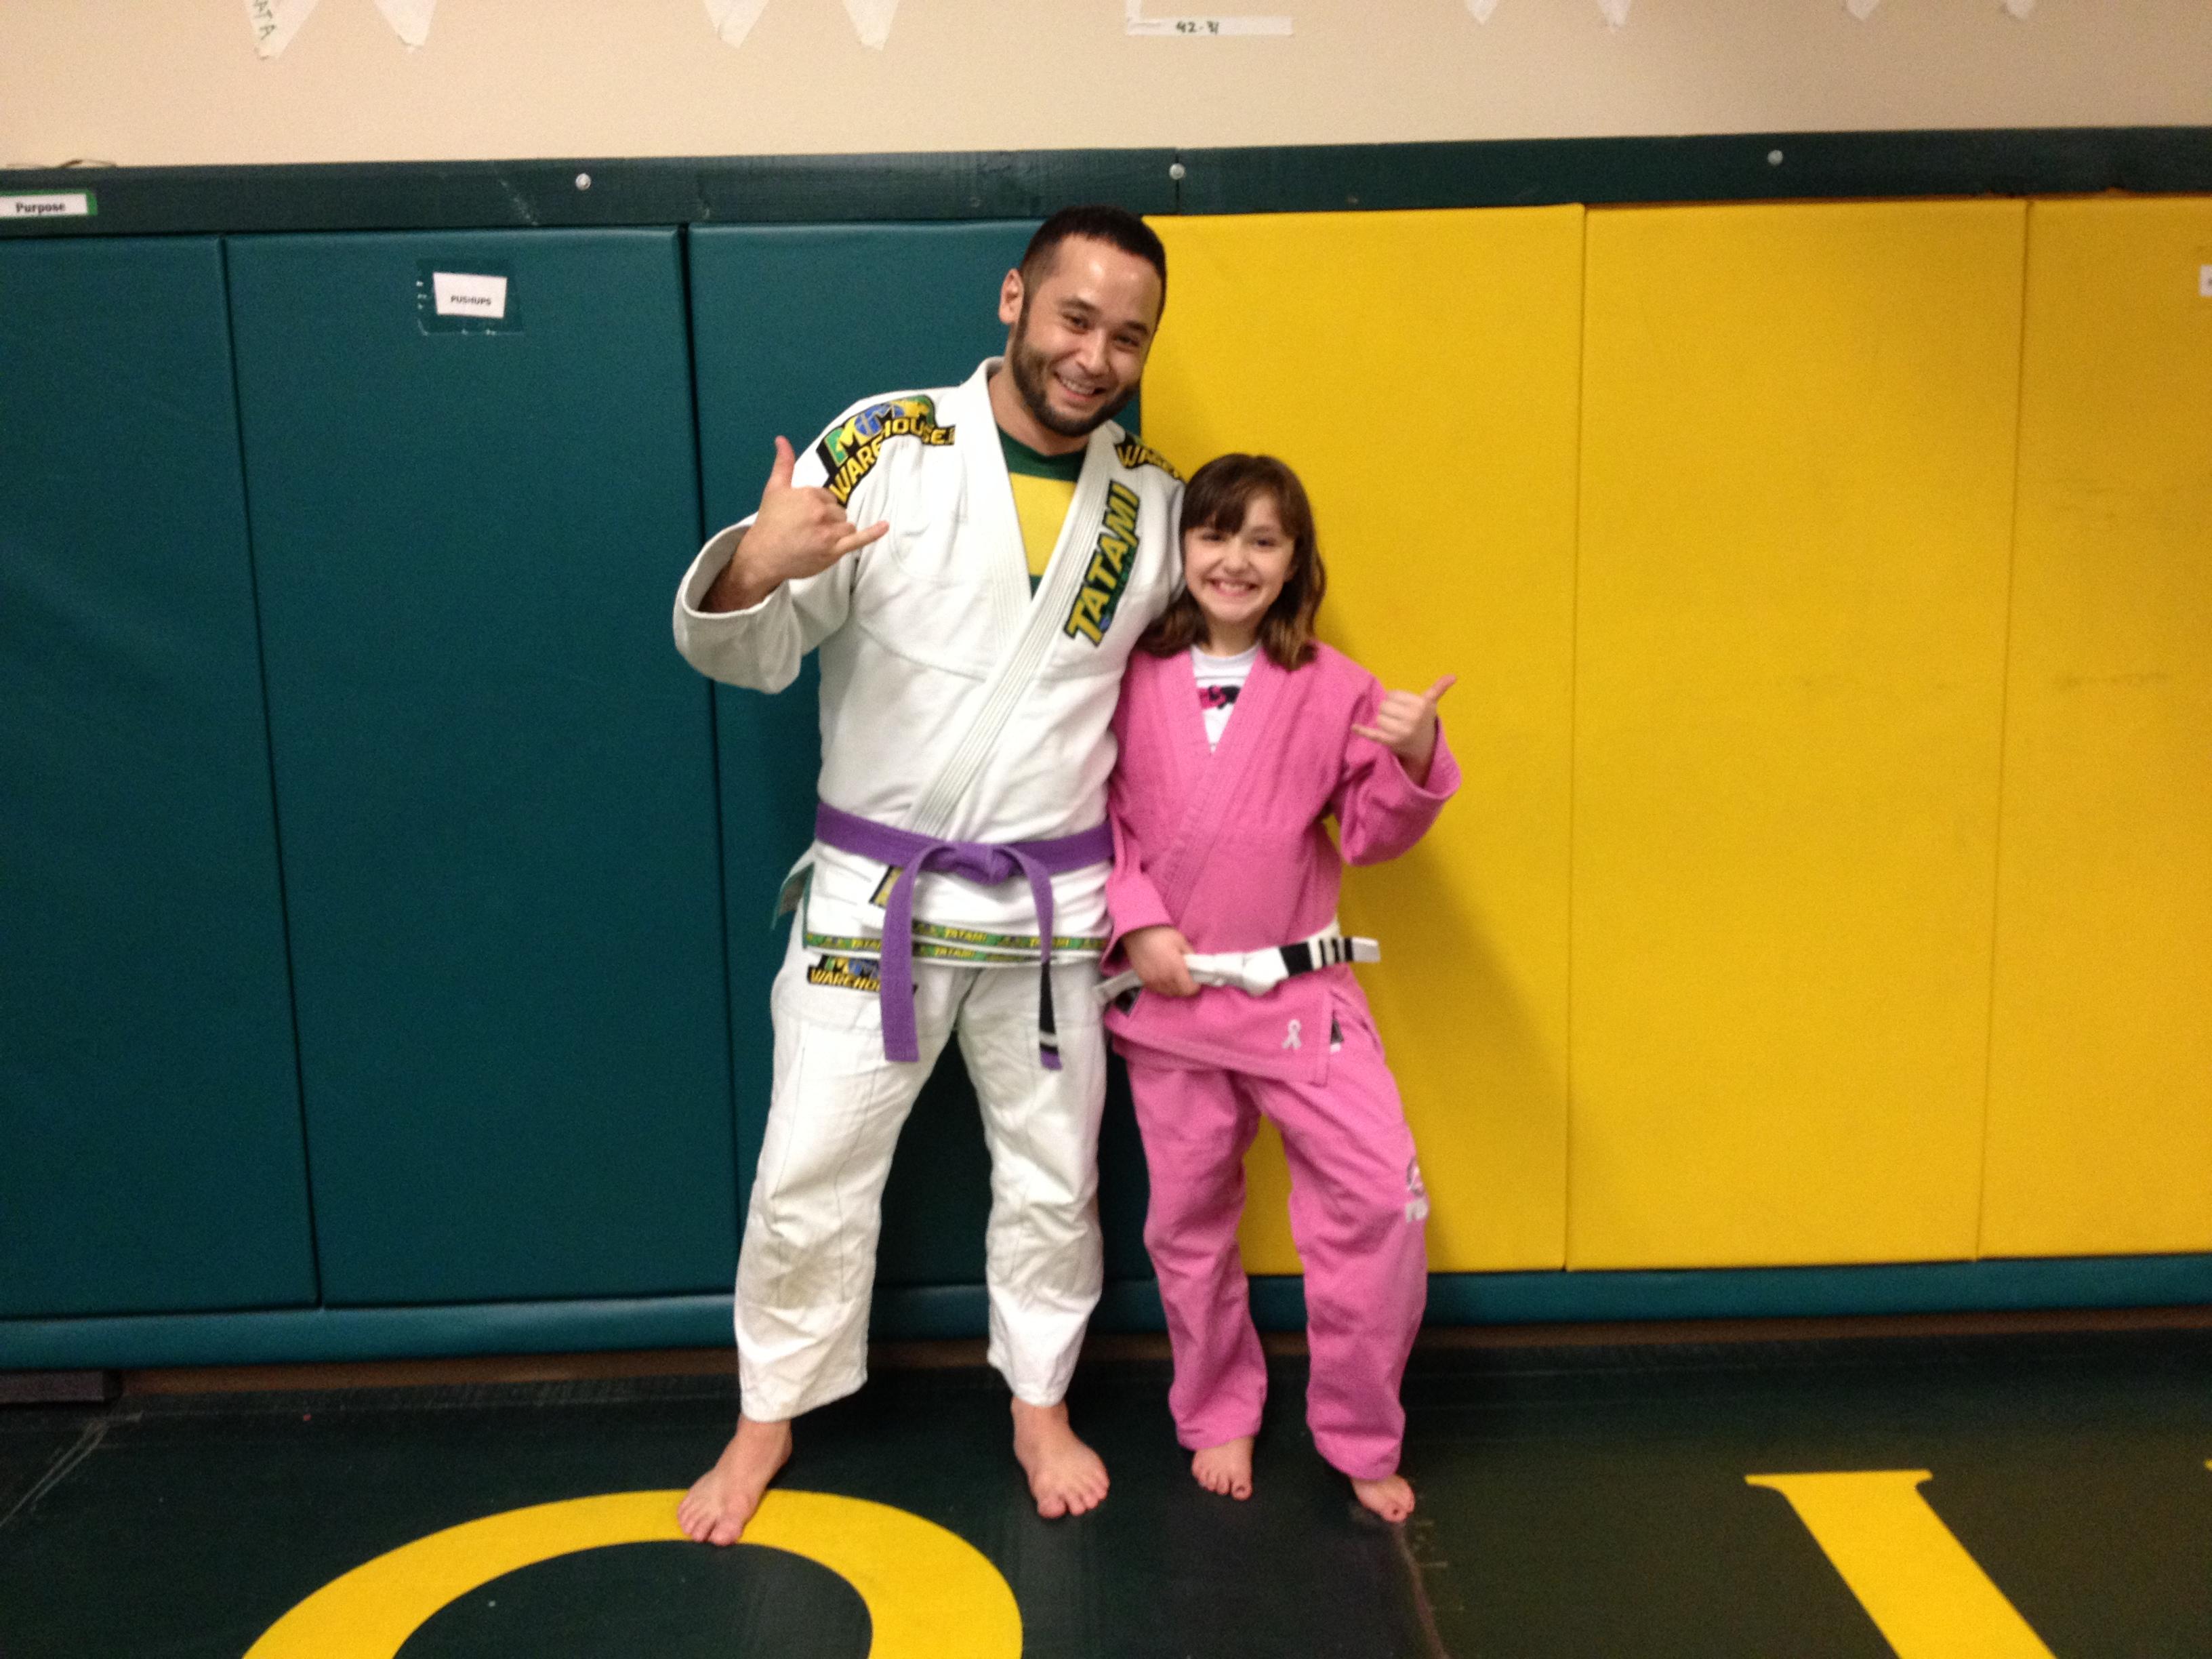 Tejah getting her 3rd stripe with Quincy Brazilian Jiu-Jitsu